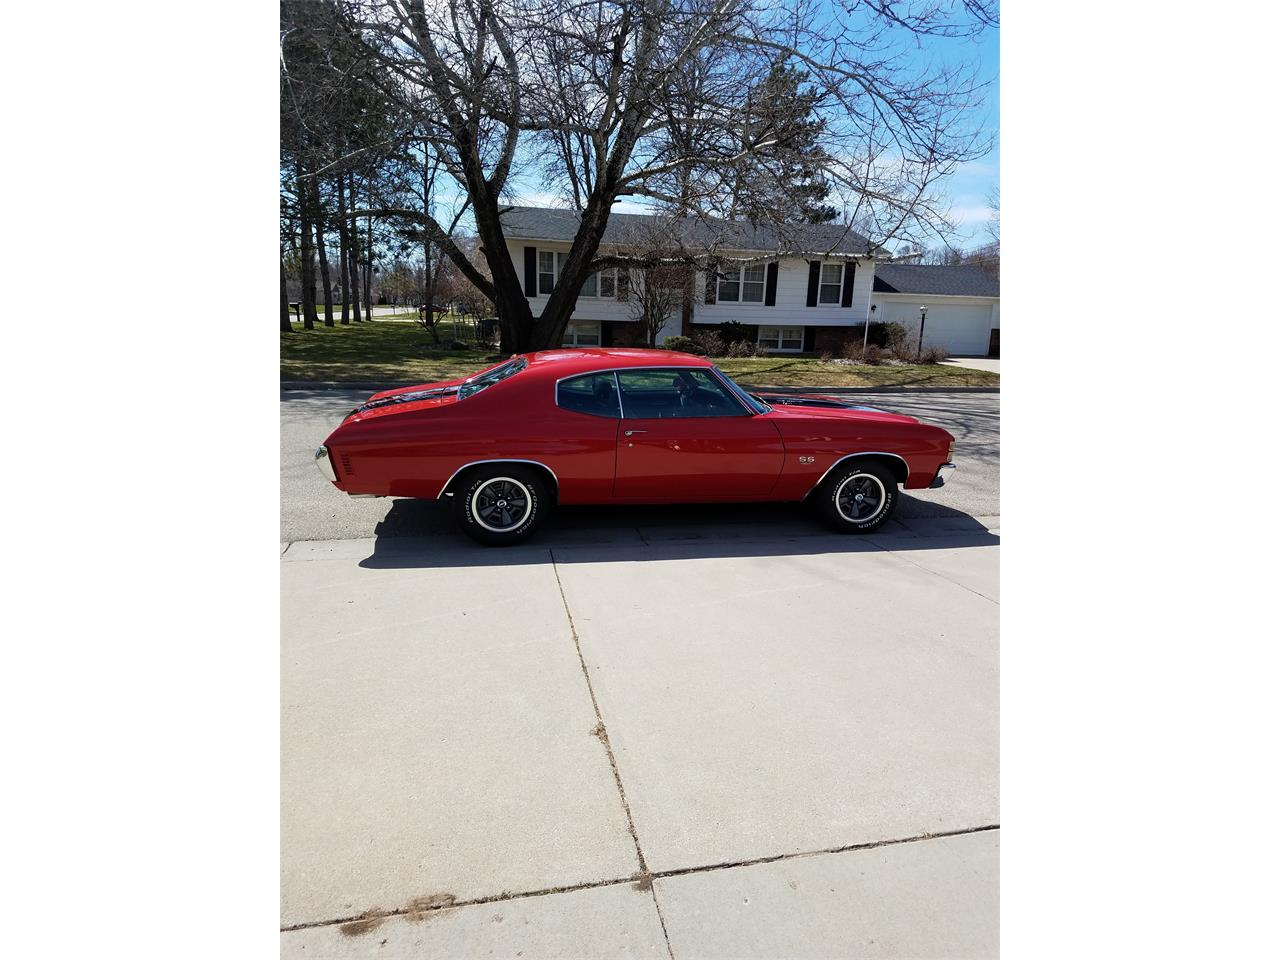 1971 Chevrolet Chevelle Malibu SS (CC-1211090) for sale in Menominee, Michigan